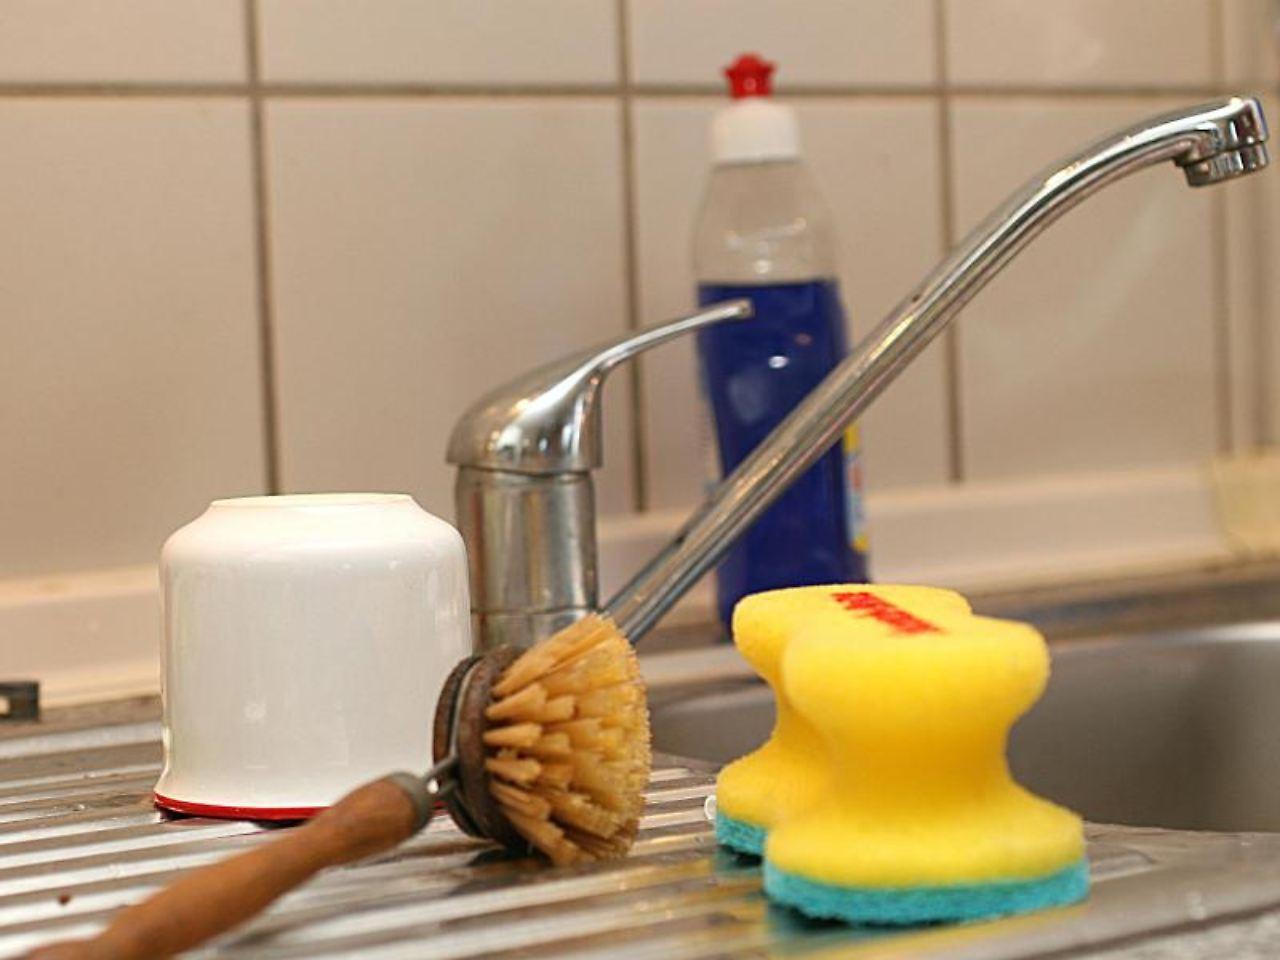 Hygienisch Kochen: Regeln Für Die Sauberkeit In Der Küche